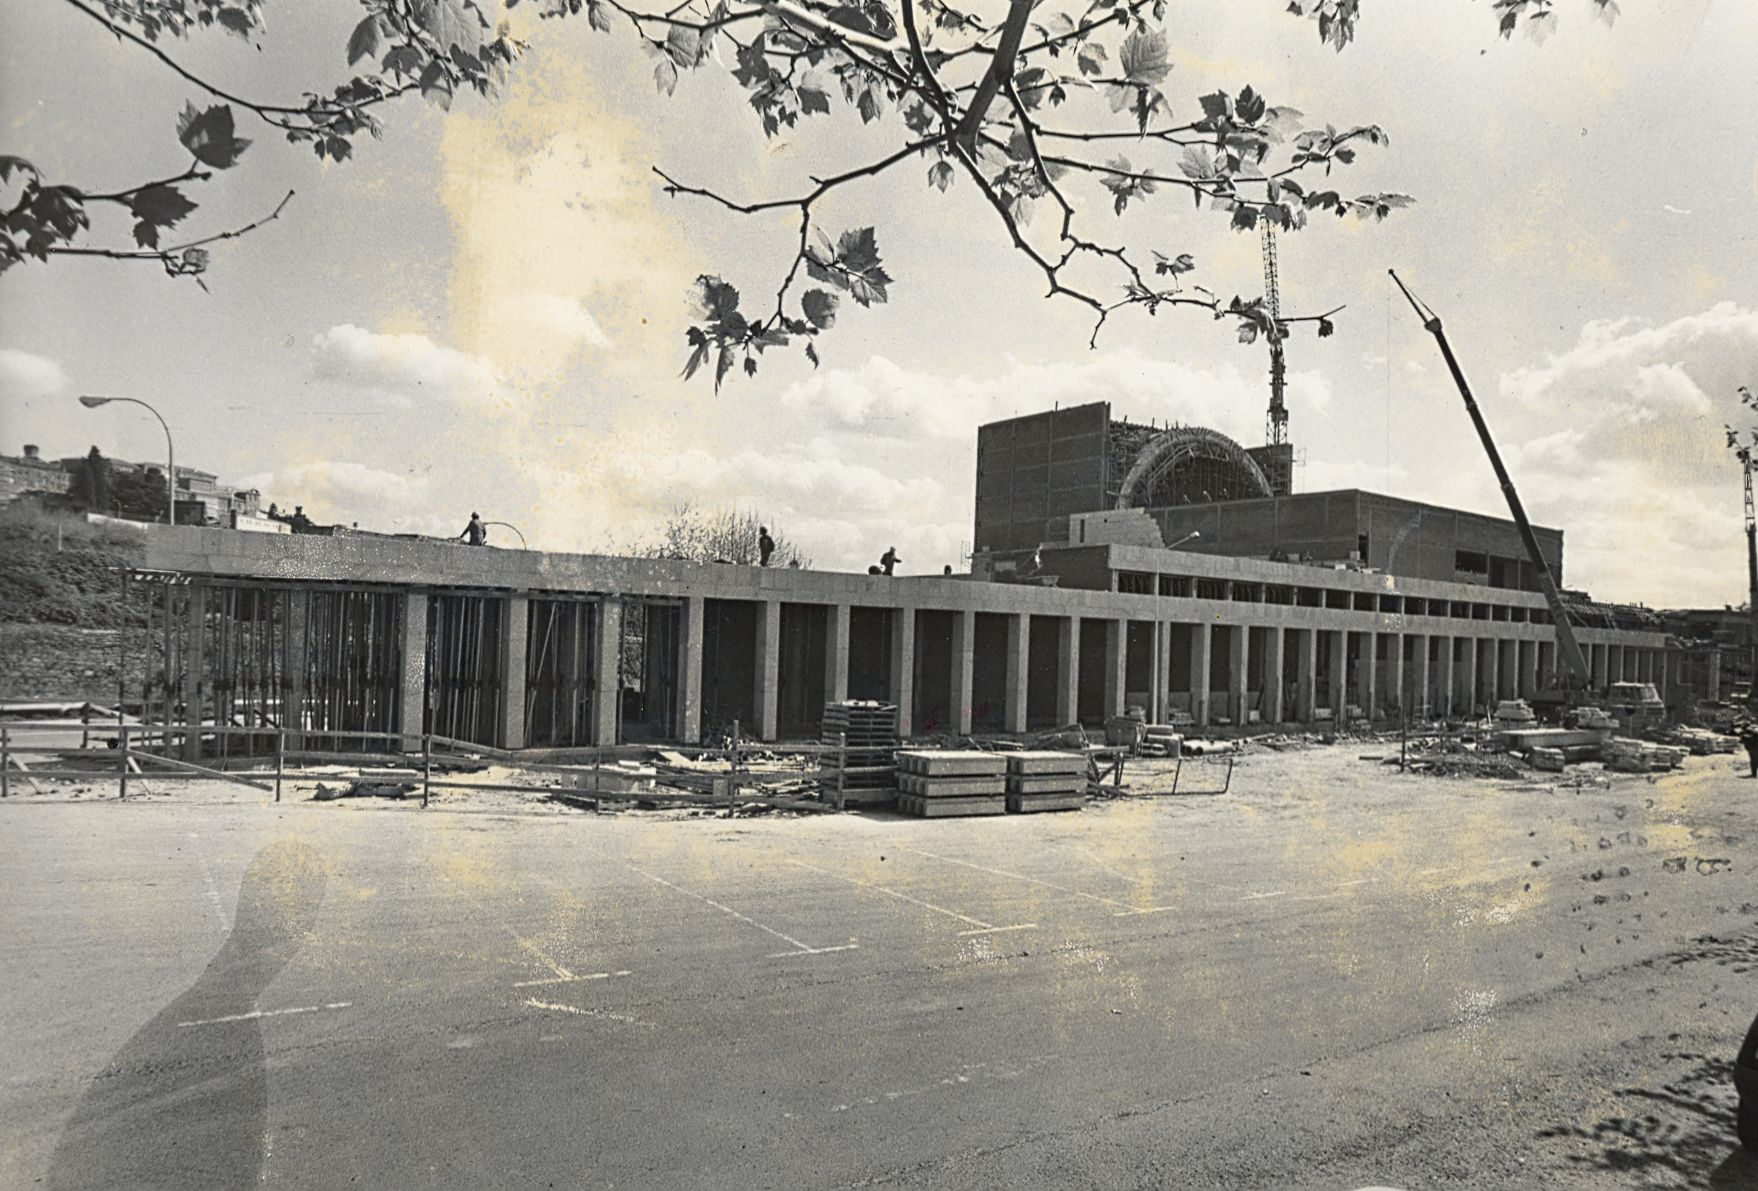 Imagen de las obras del Auditorio de Galicia tomada, en abril de 1989, por el fotoperiodista Manolo Blanco  - FOTO: ECG